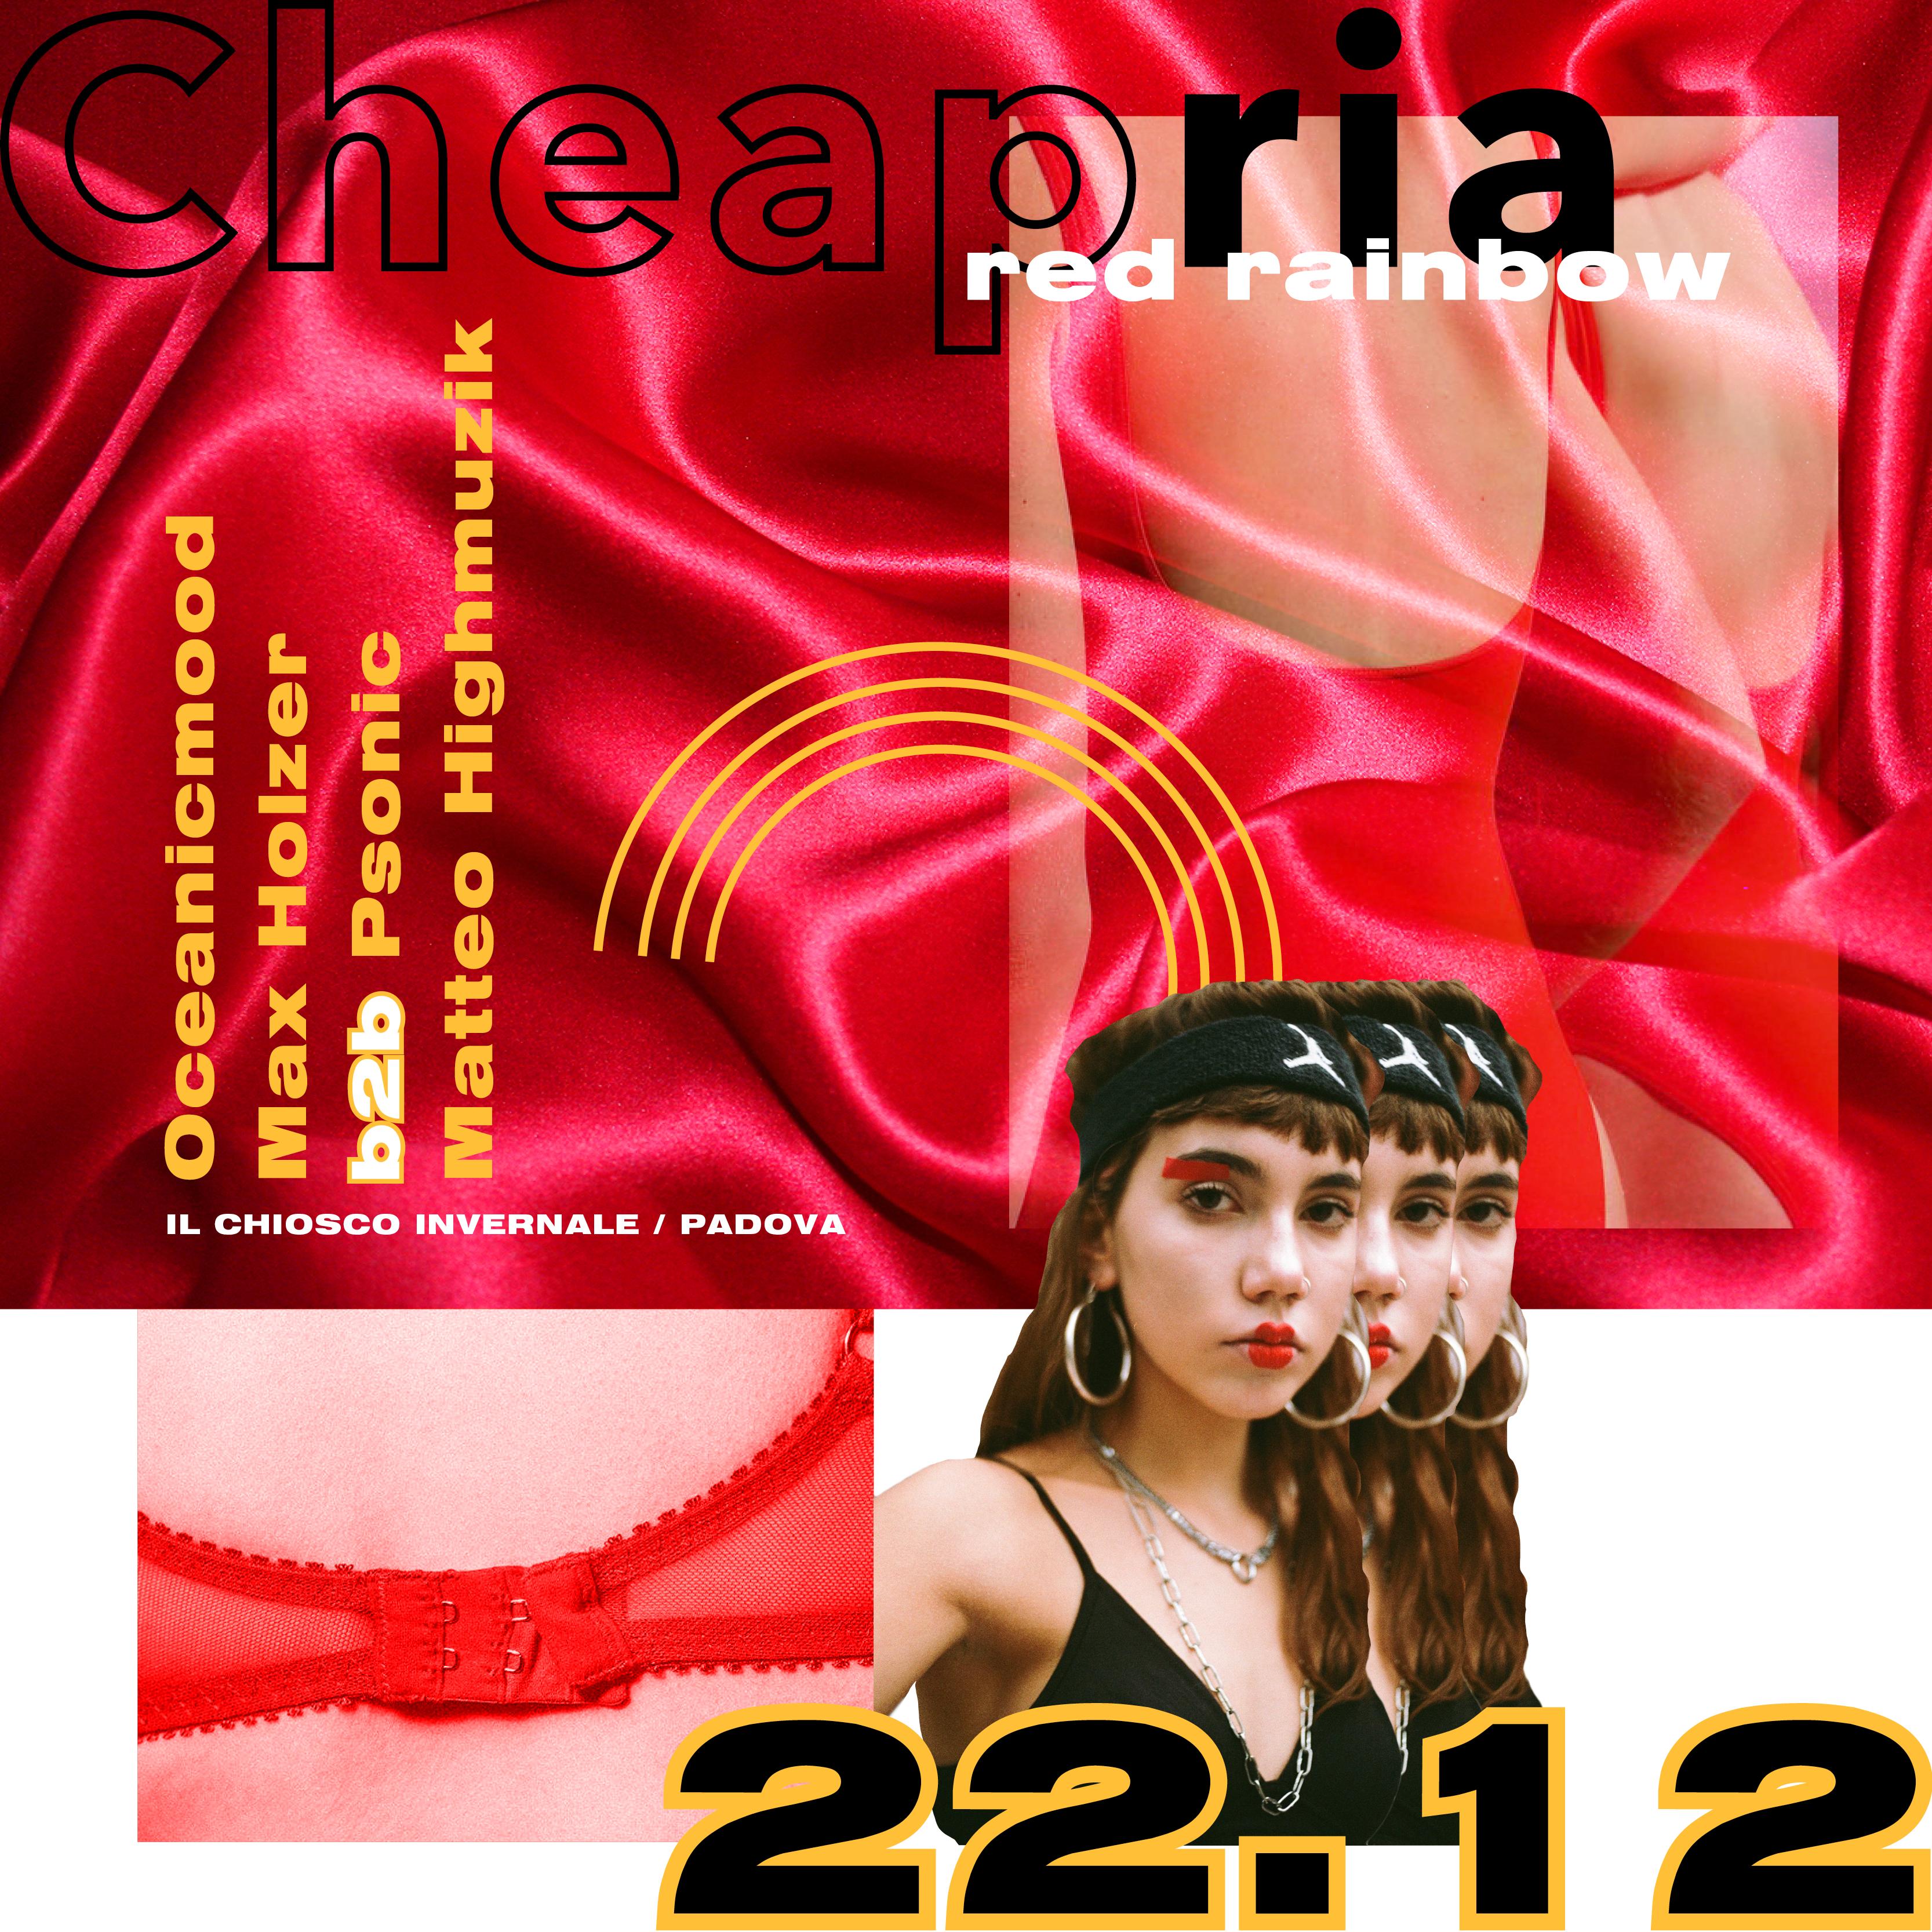 Cheapria@Il Chiosco| Sab 22.12.18